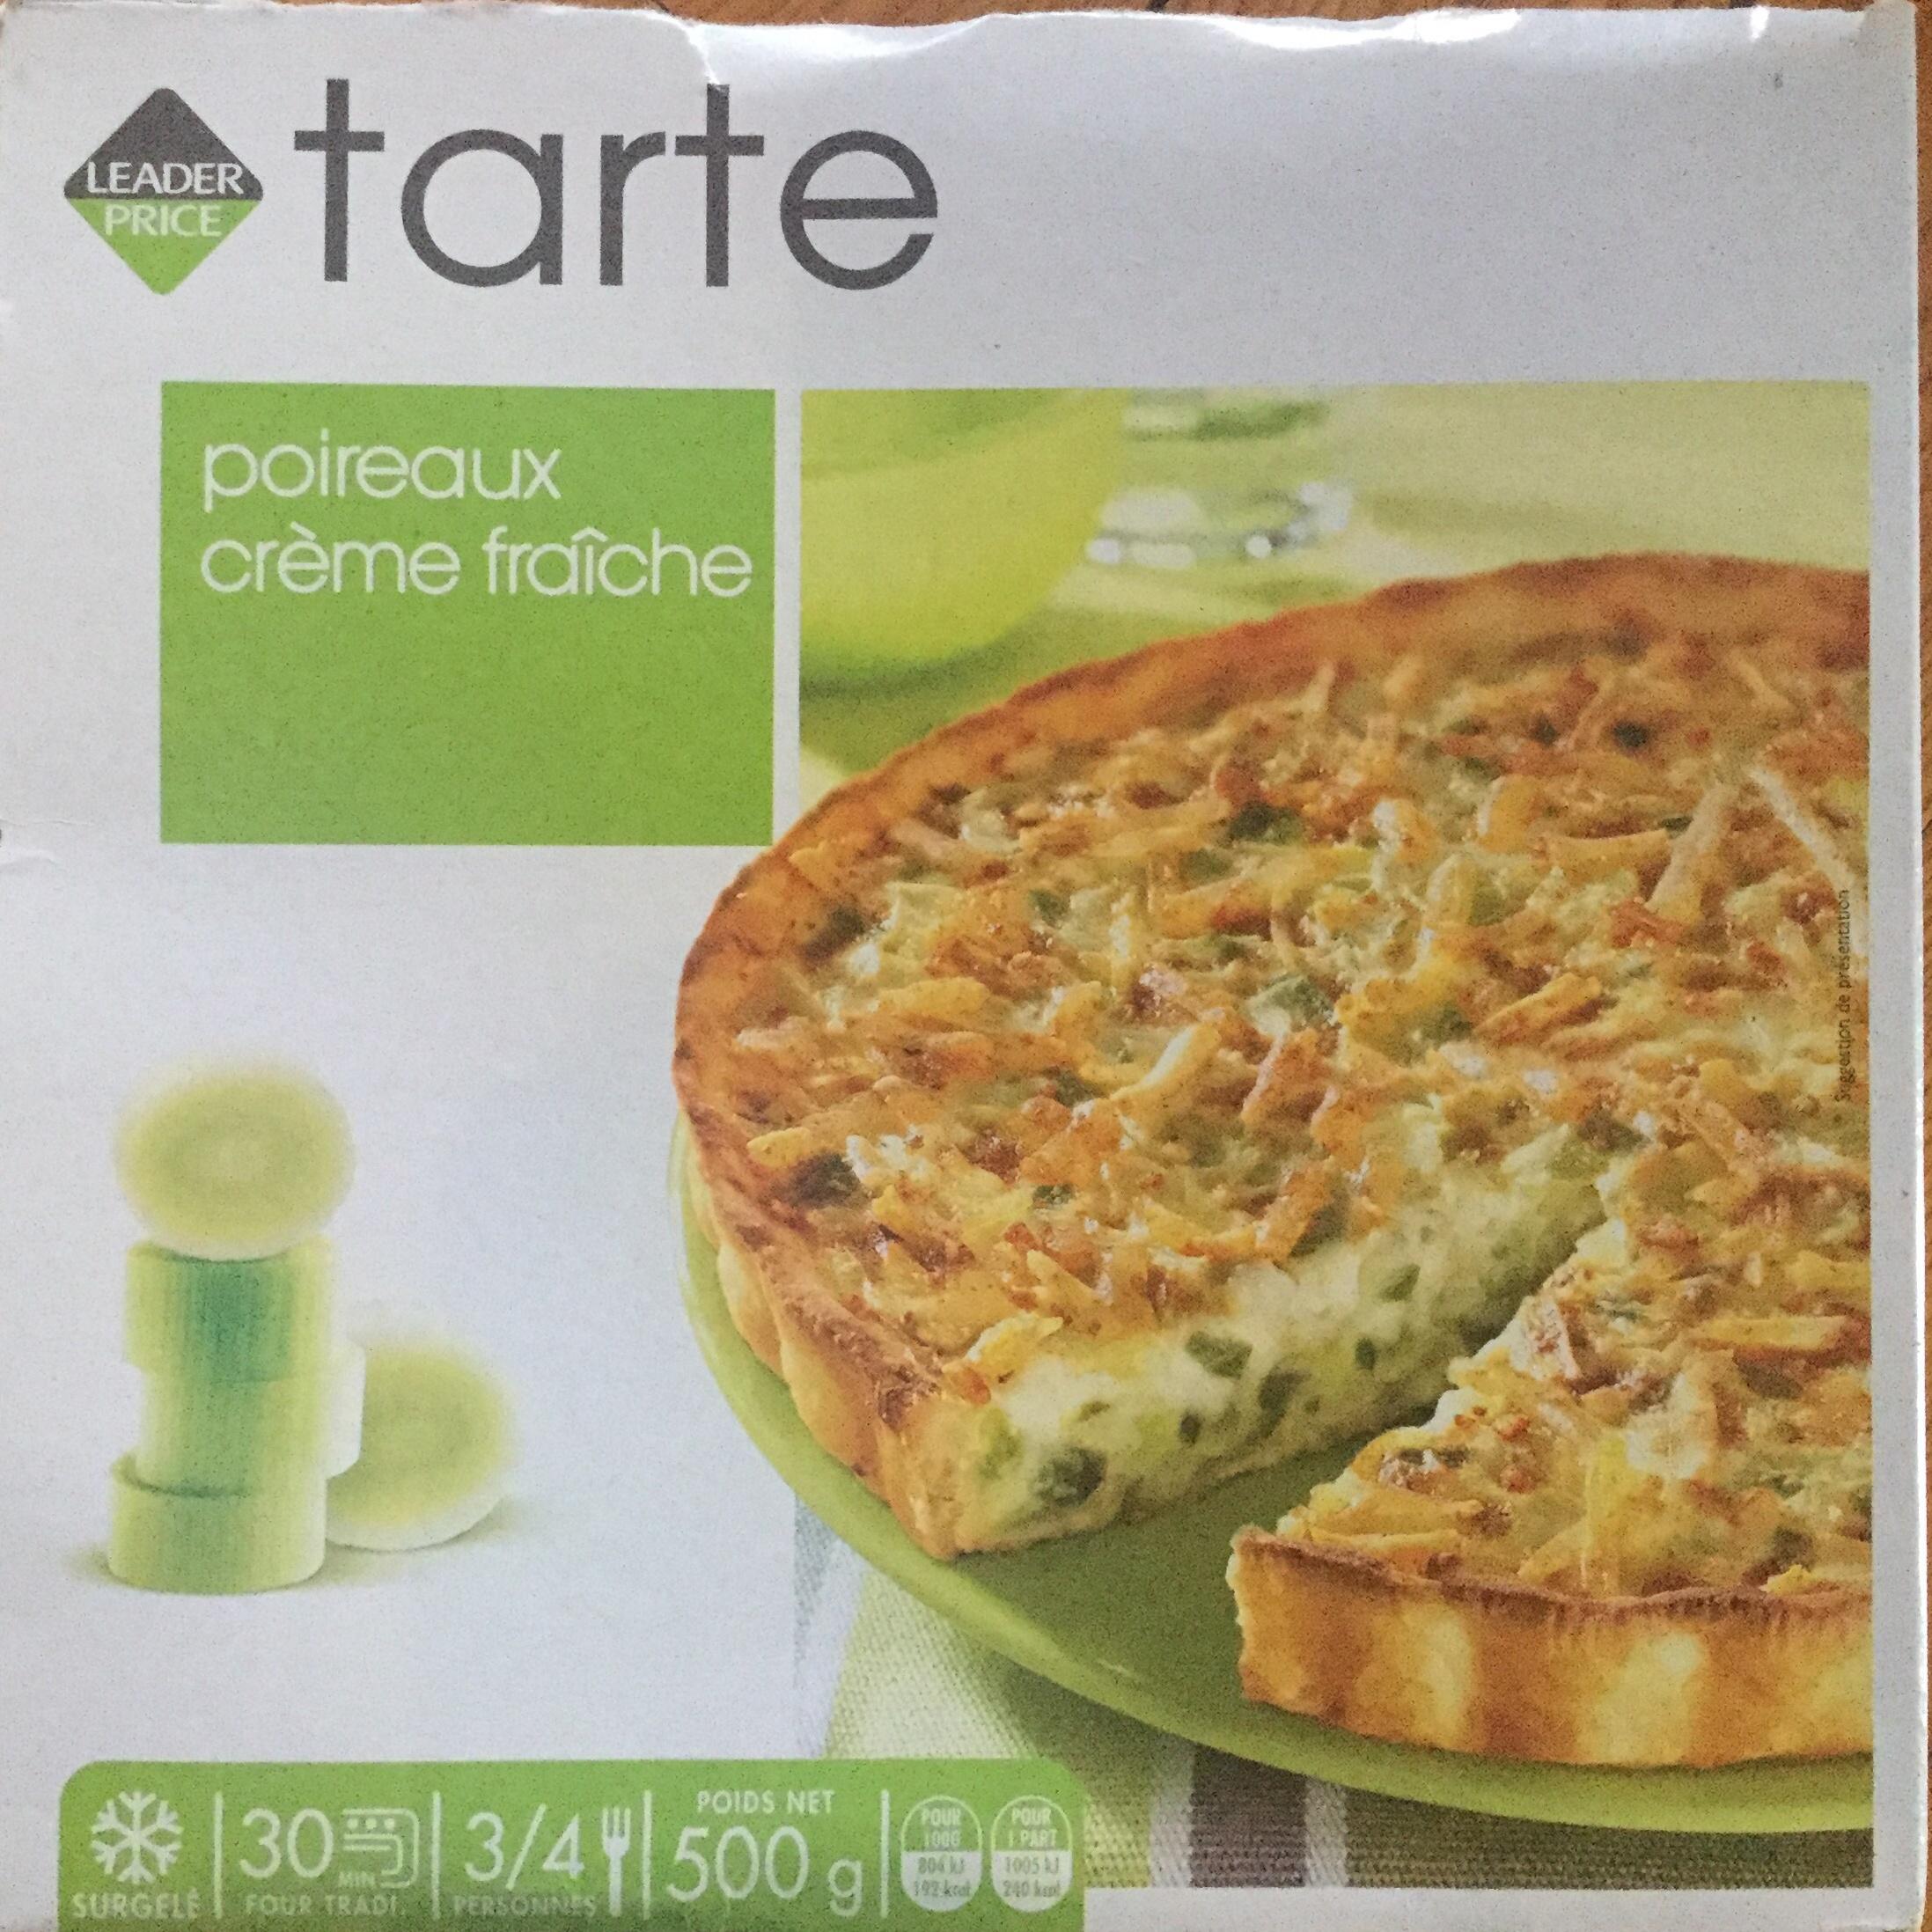 Tarte poireaux crème fraîche - Product - fr